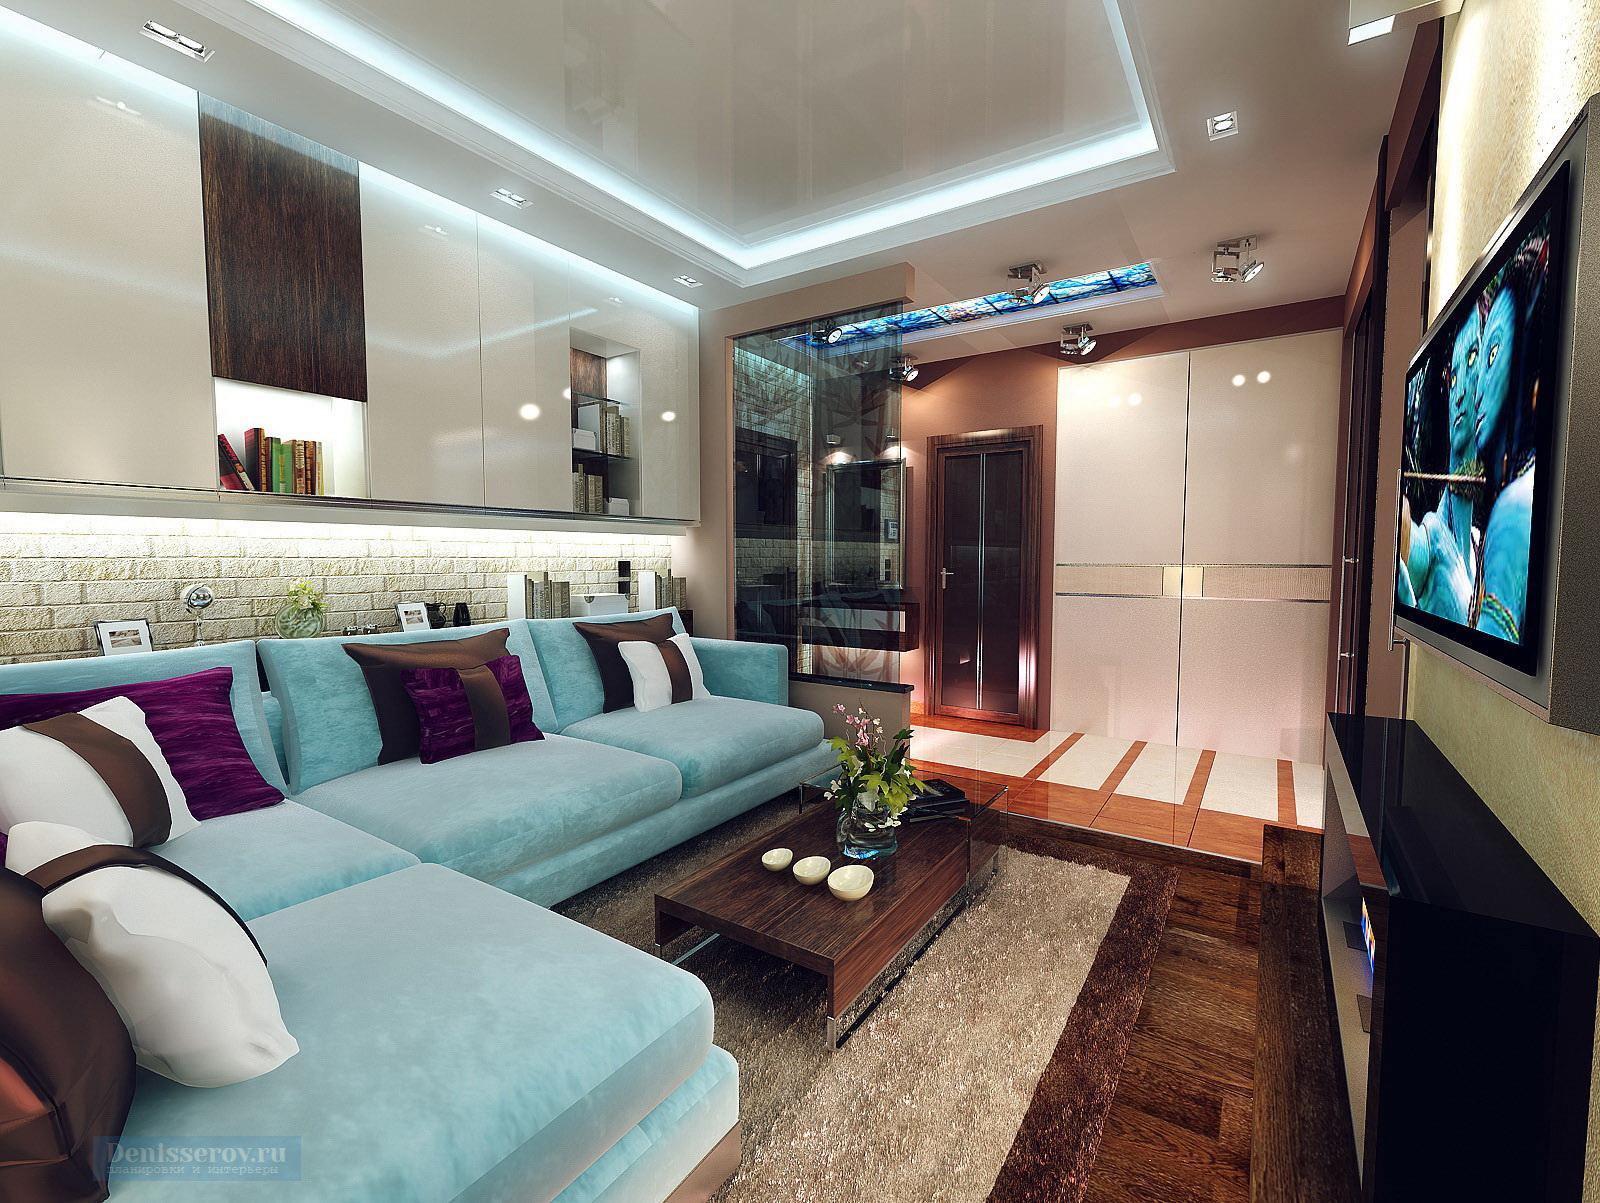 гостиная в однокомнатной квартире 40 кв.м.